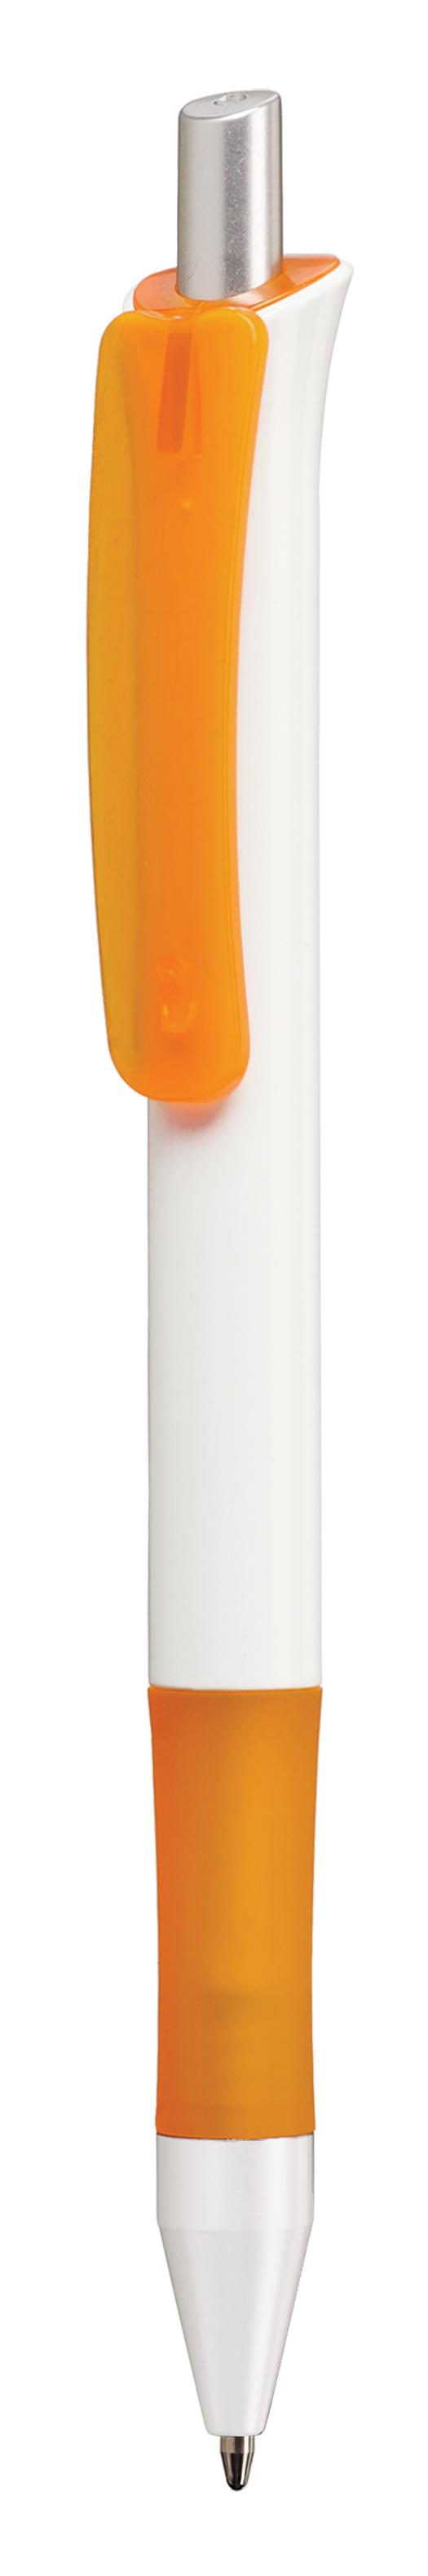 FESTO_WHITE_orange